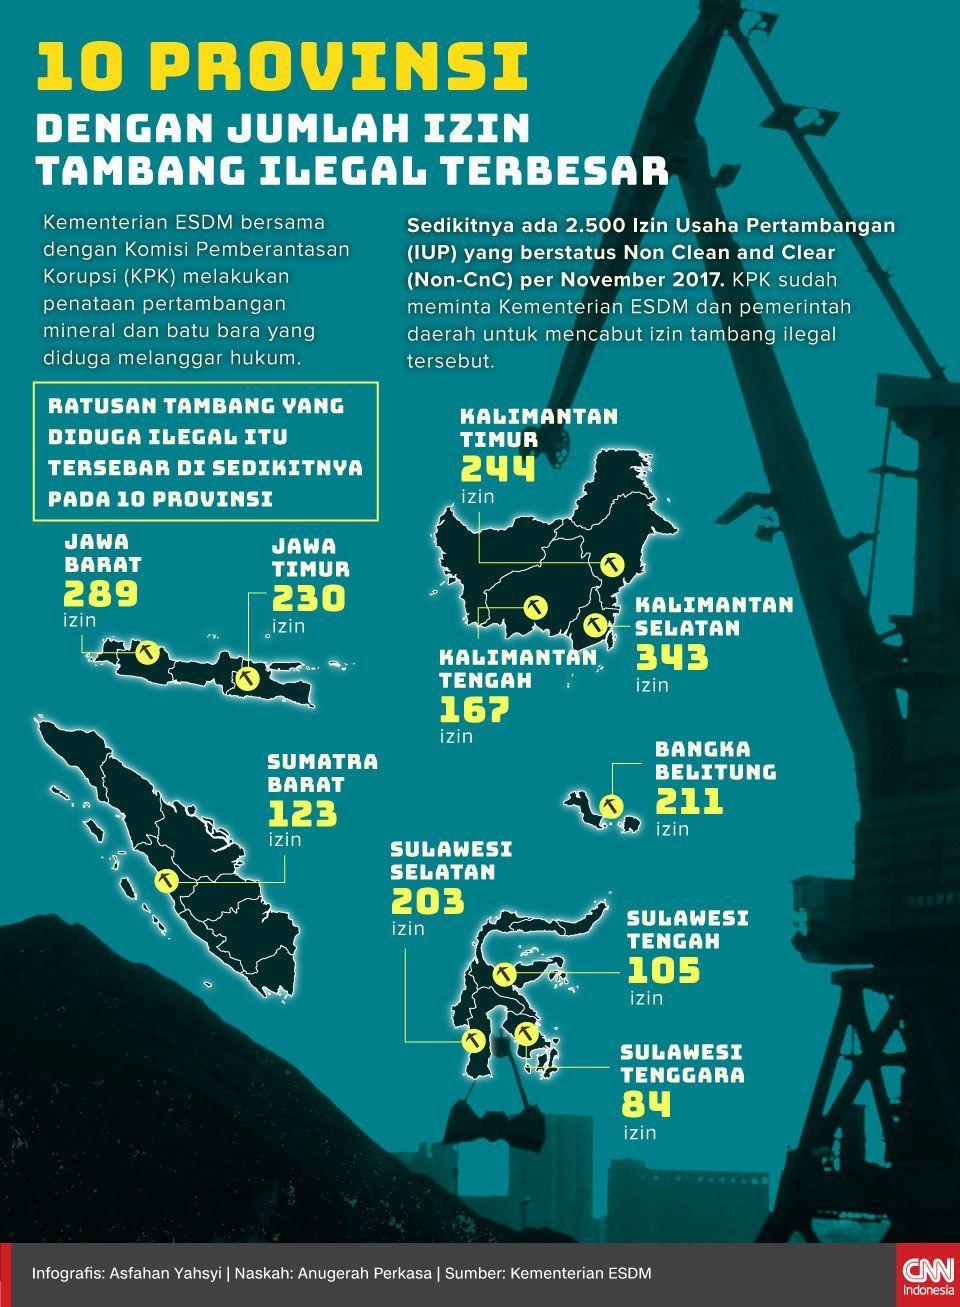 Infografis 10 Provinsi dengan Izin Tambang Ilegal Terbesar